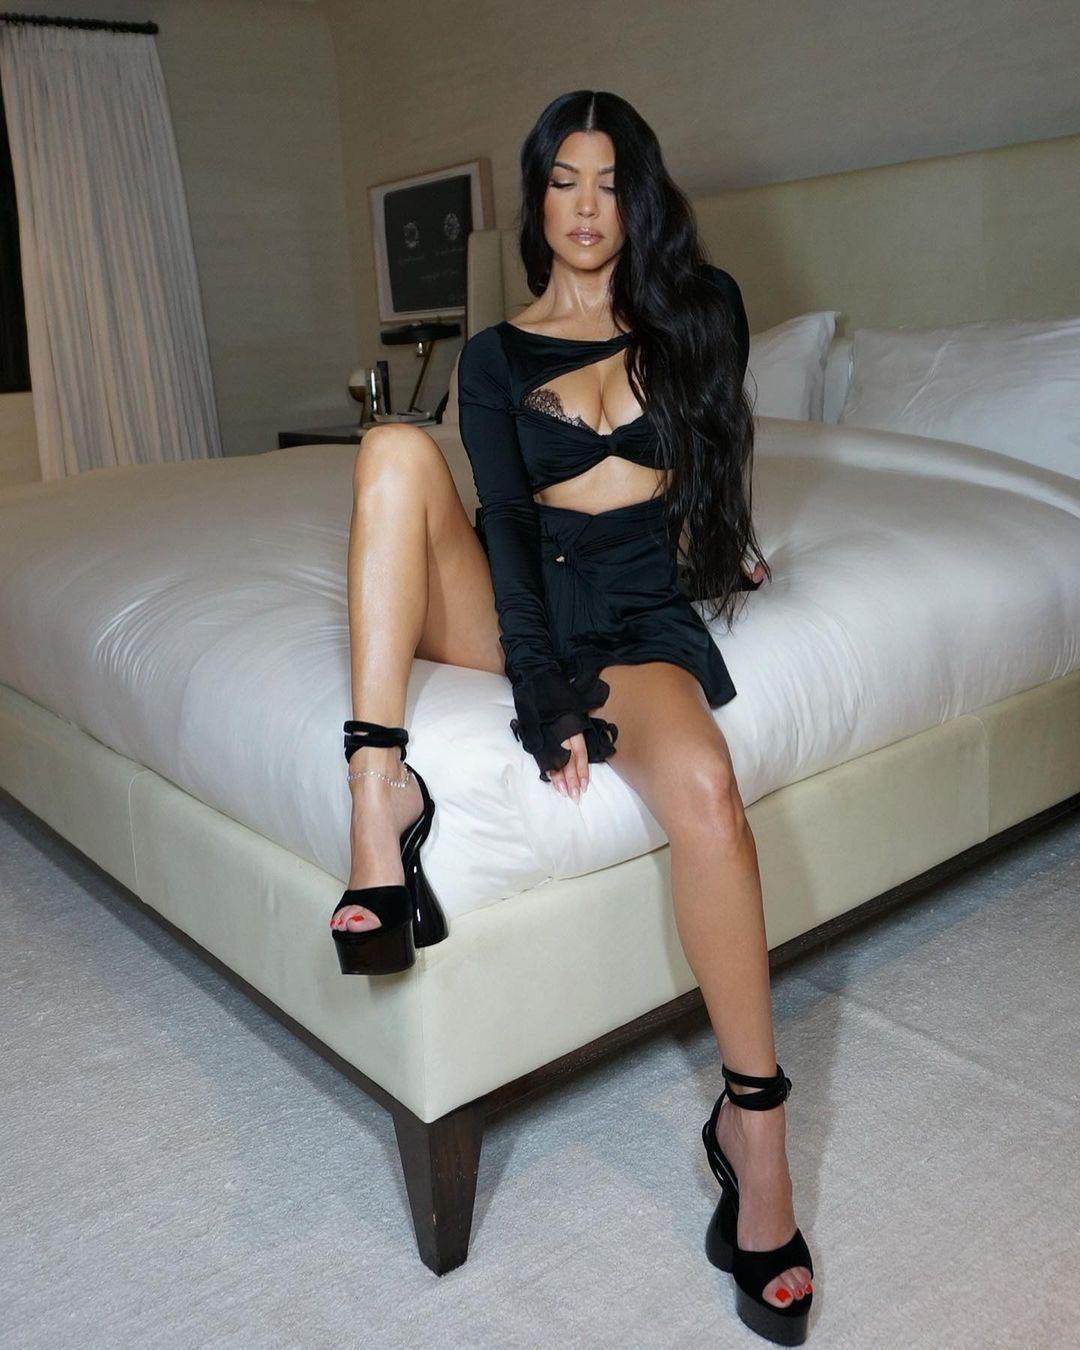 Kourtney Kardashian Boobs And Legs